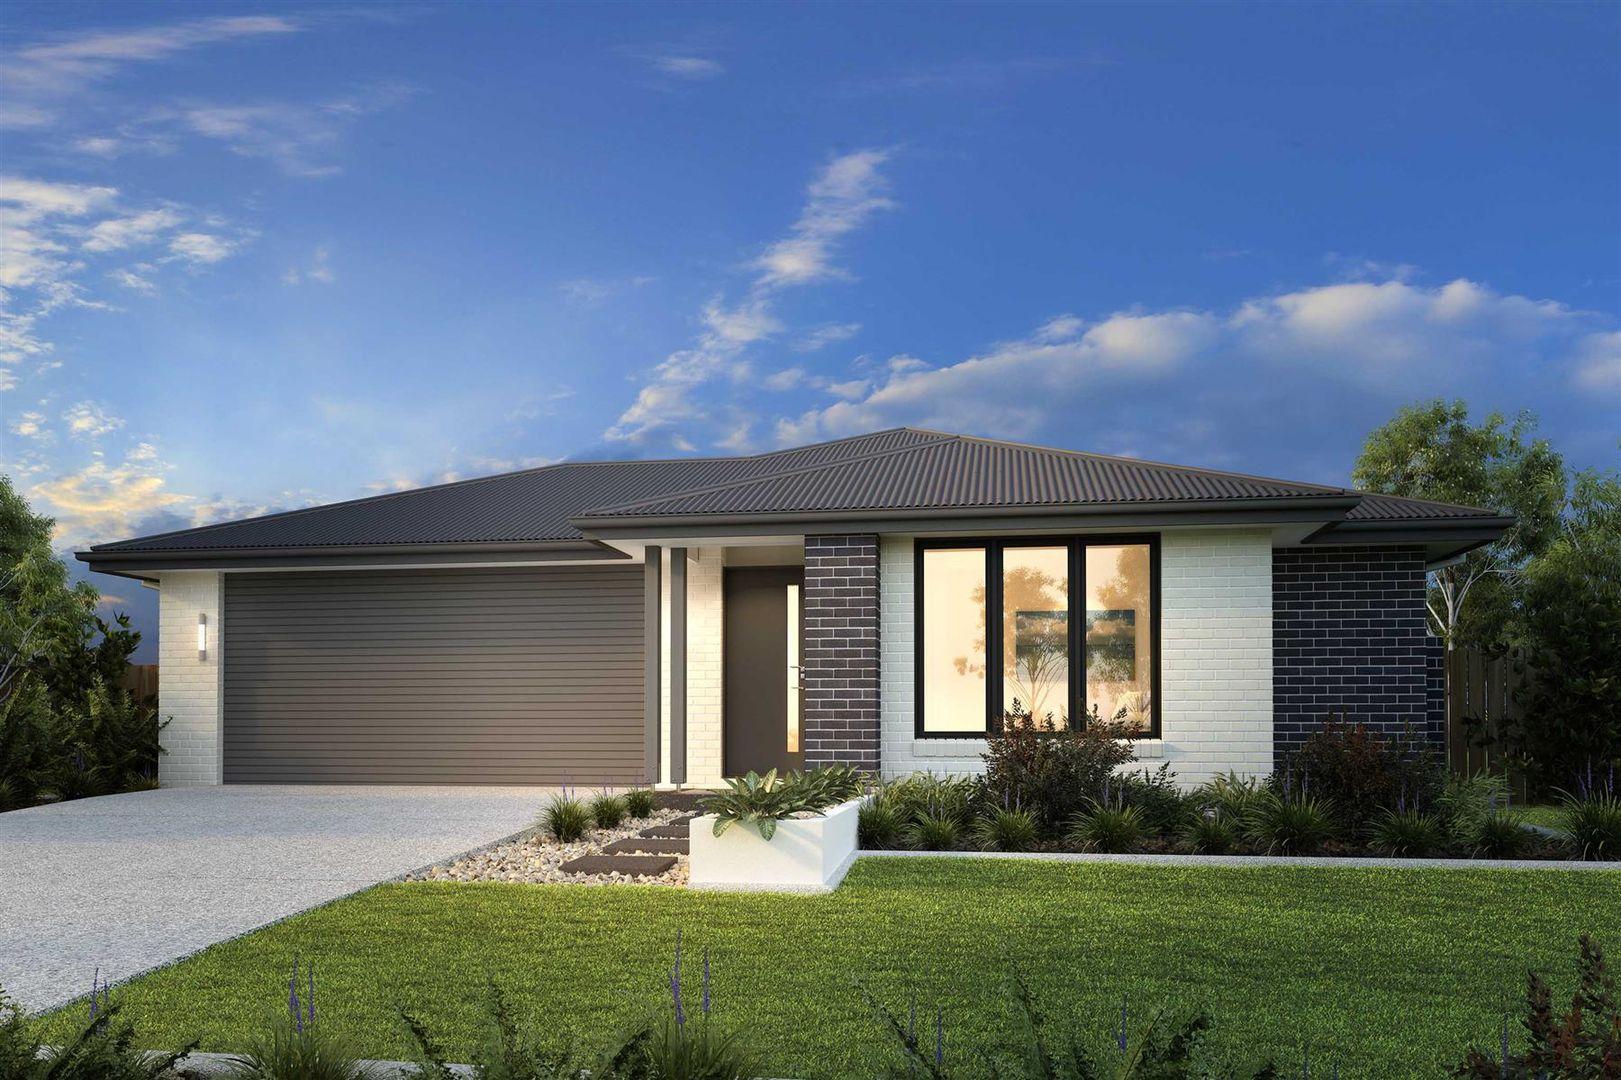 Lot 3 Molkentin Road, Jindera NSW 2642, Image 0